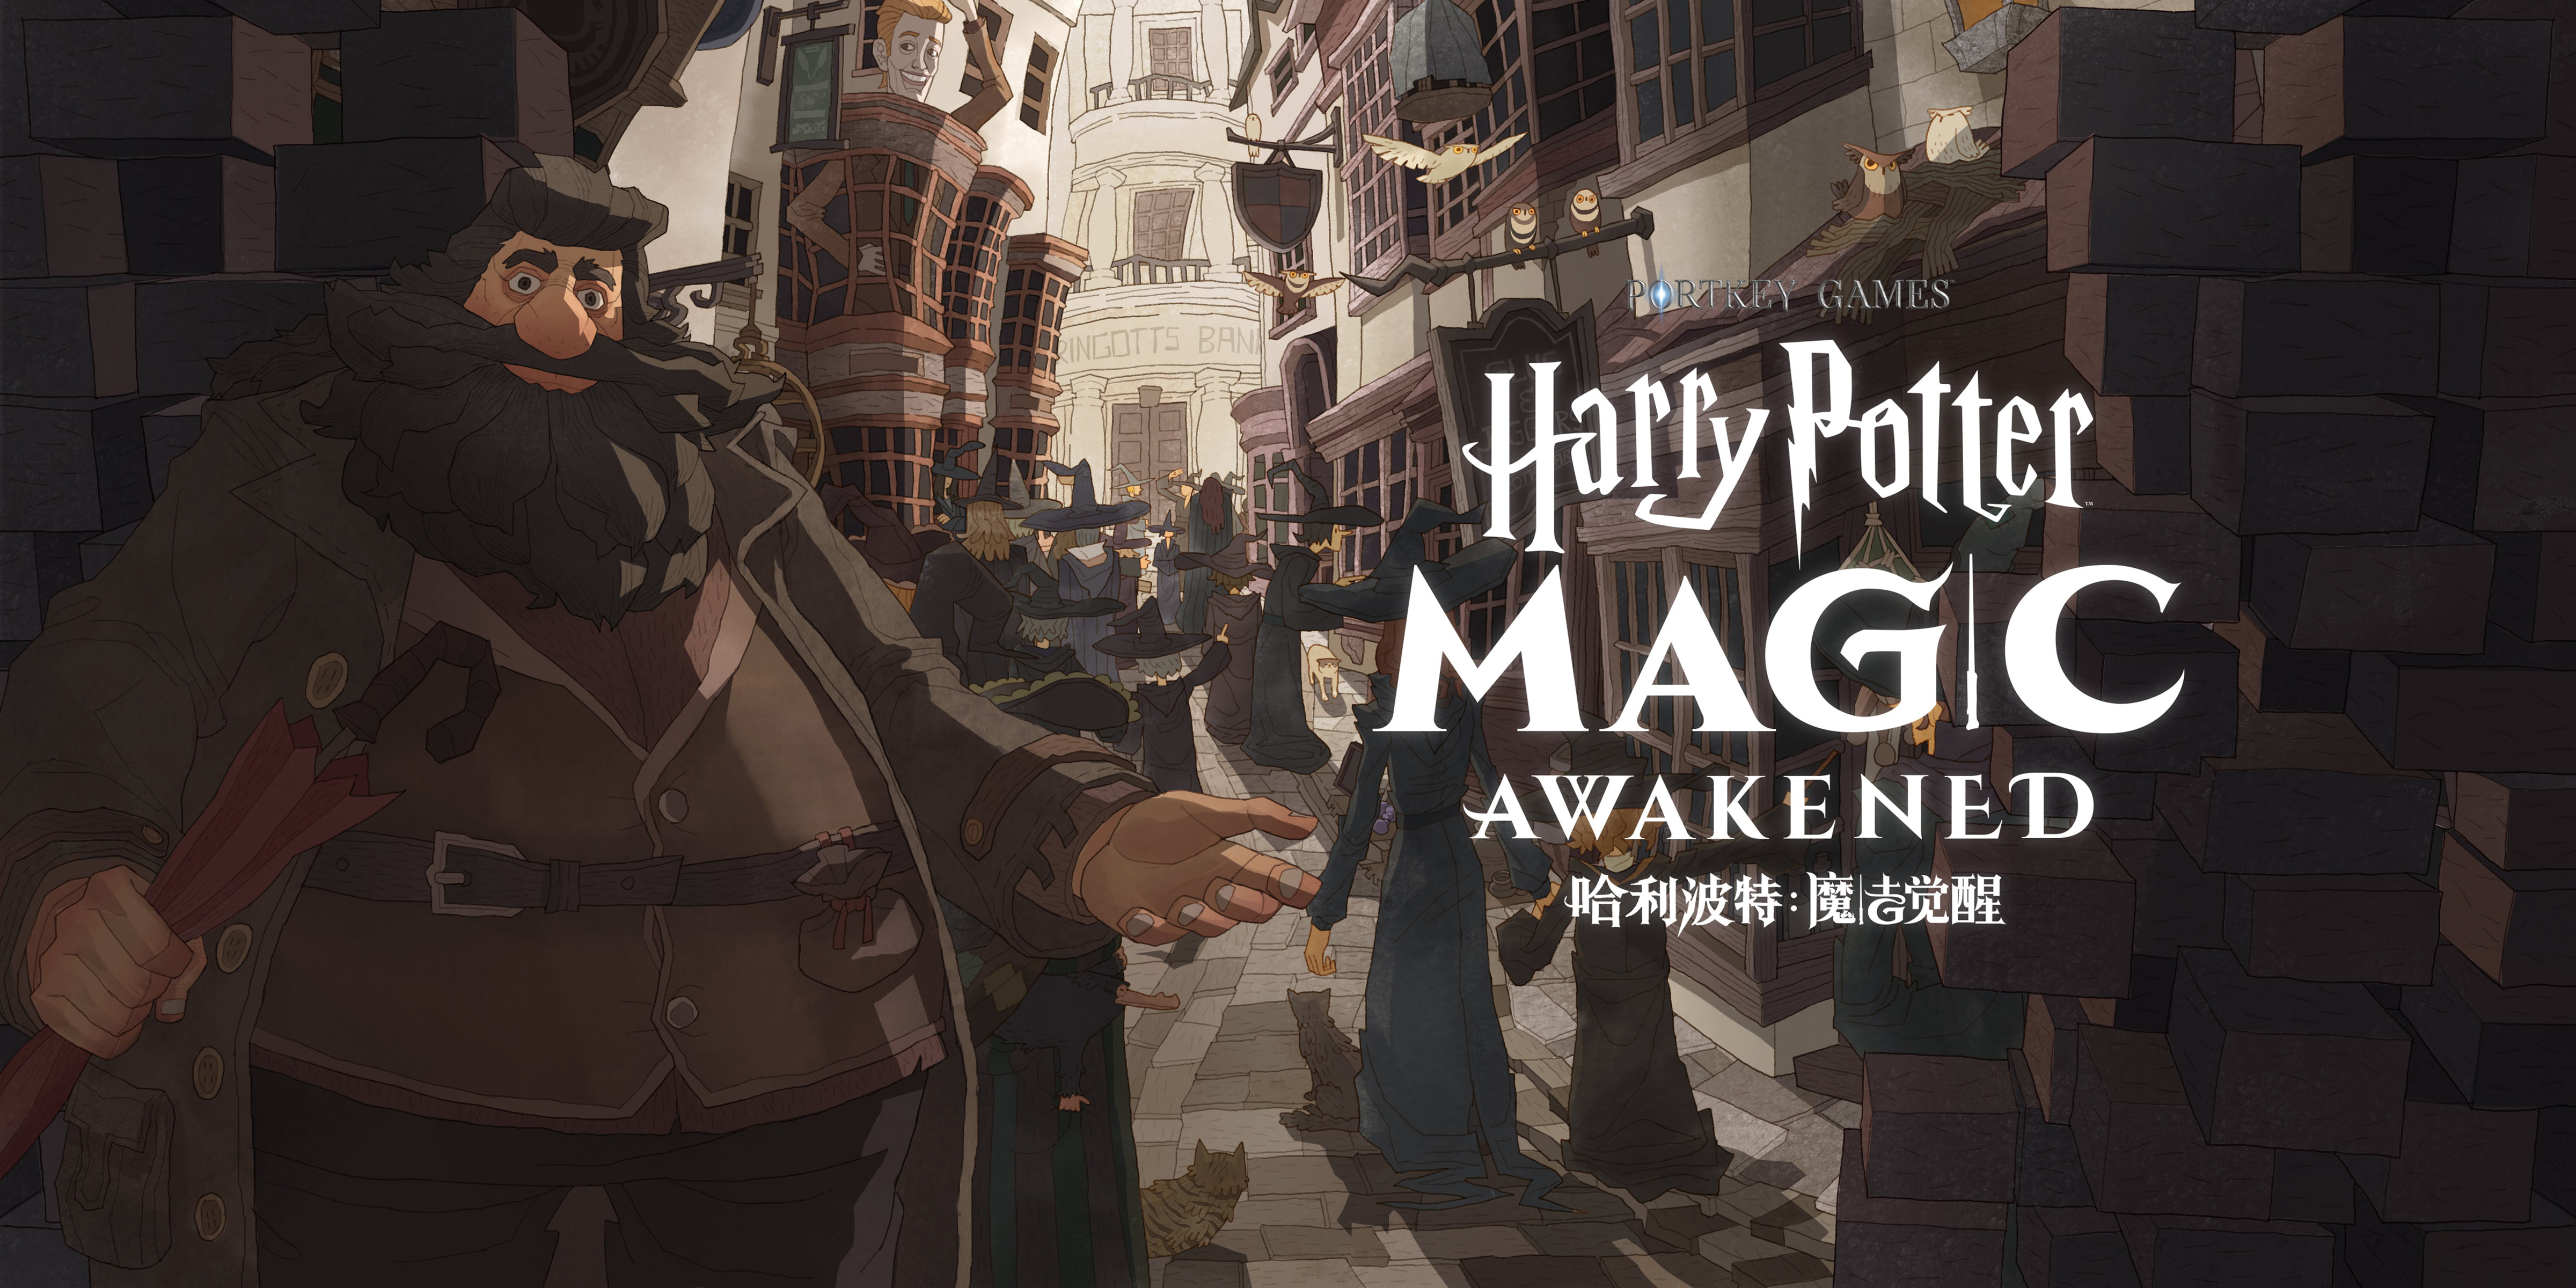 华纳兄弟互动娱乐公司与网易宣布联合开发《哈利波特:魔法觉醒》,即将来到中国